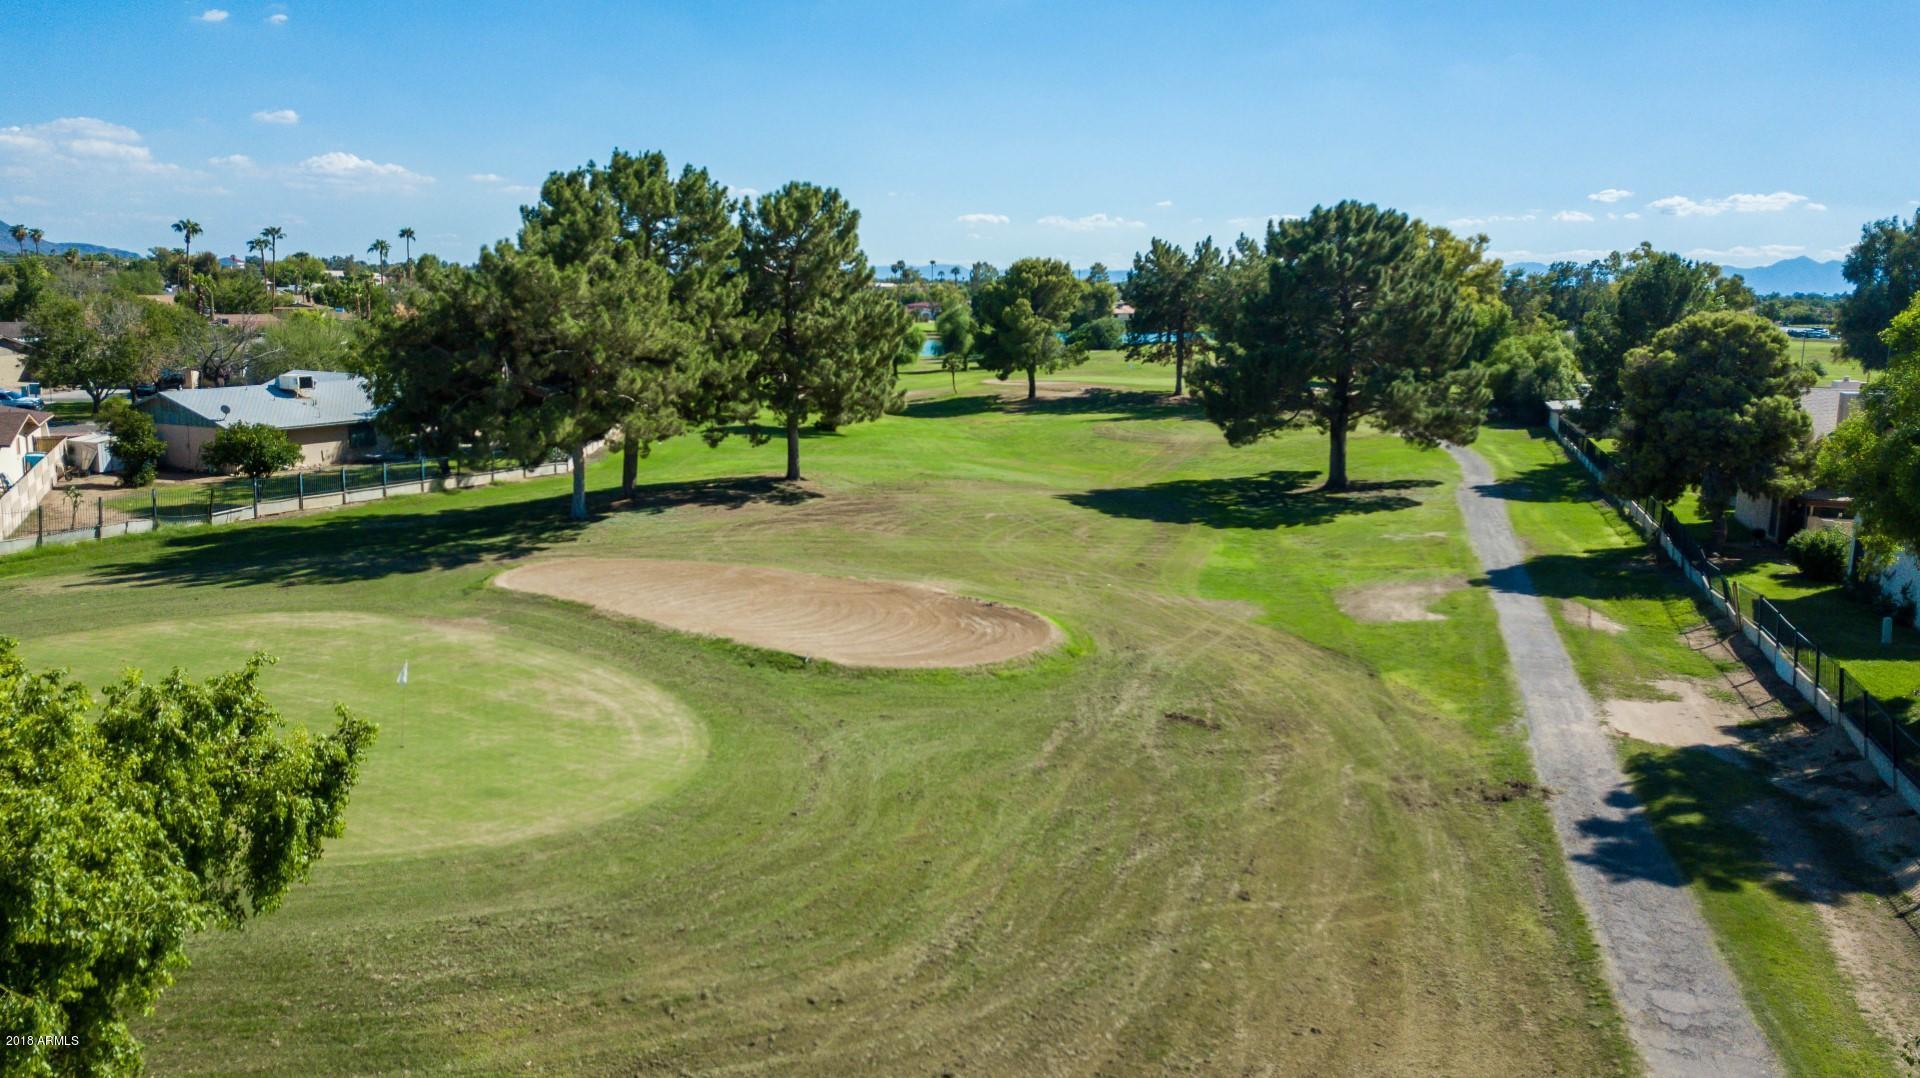 MLS 5830032 17639 N 45TH Avenue, Glendale, AZ Glendale AZ Golf Golf Course Lot